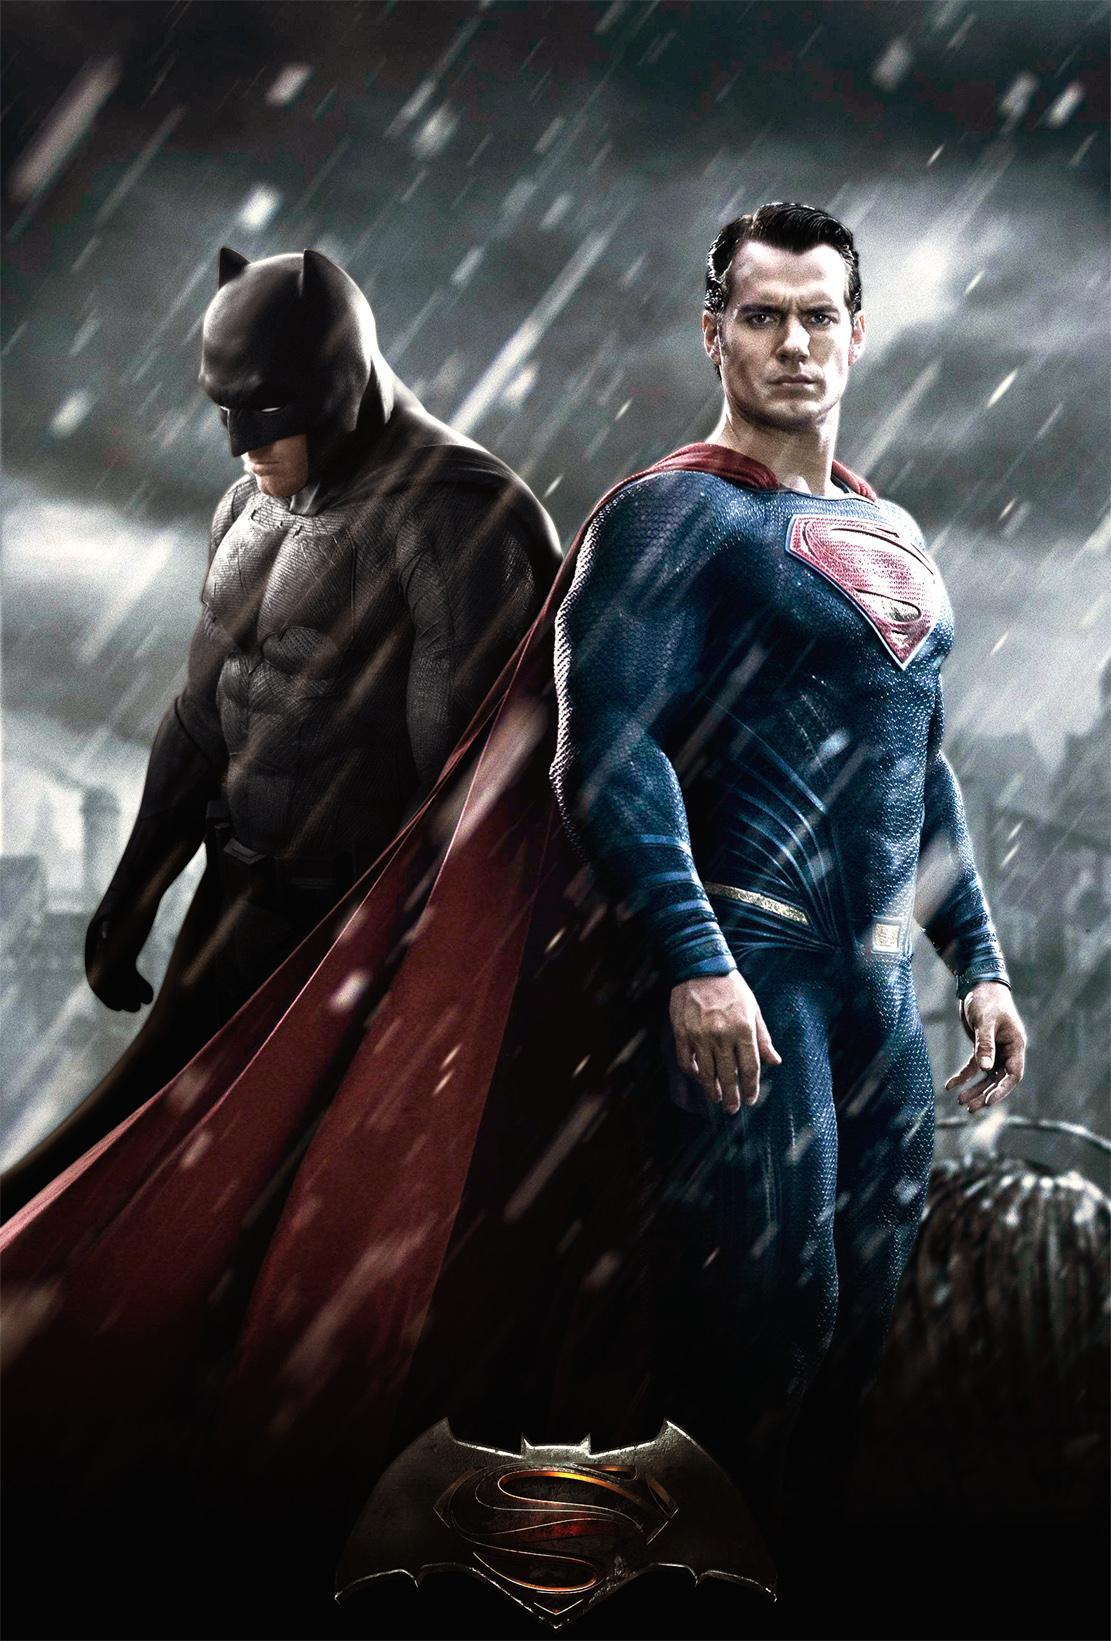 Batman Vs Superman Smartphone Wallpapers Wallpaper Cave